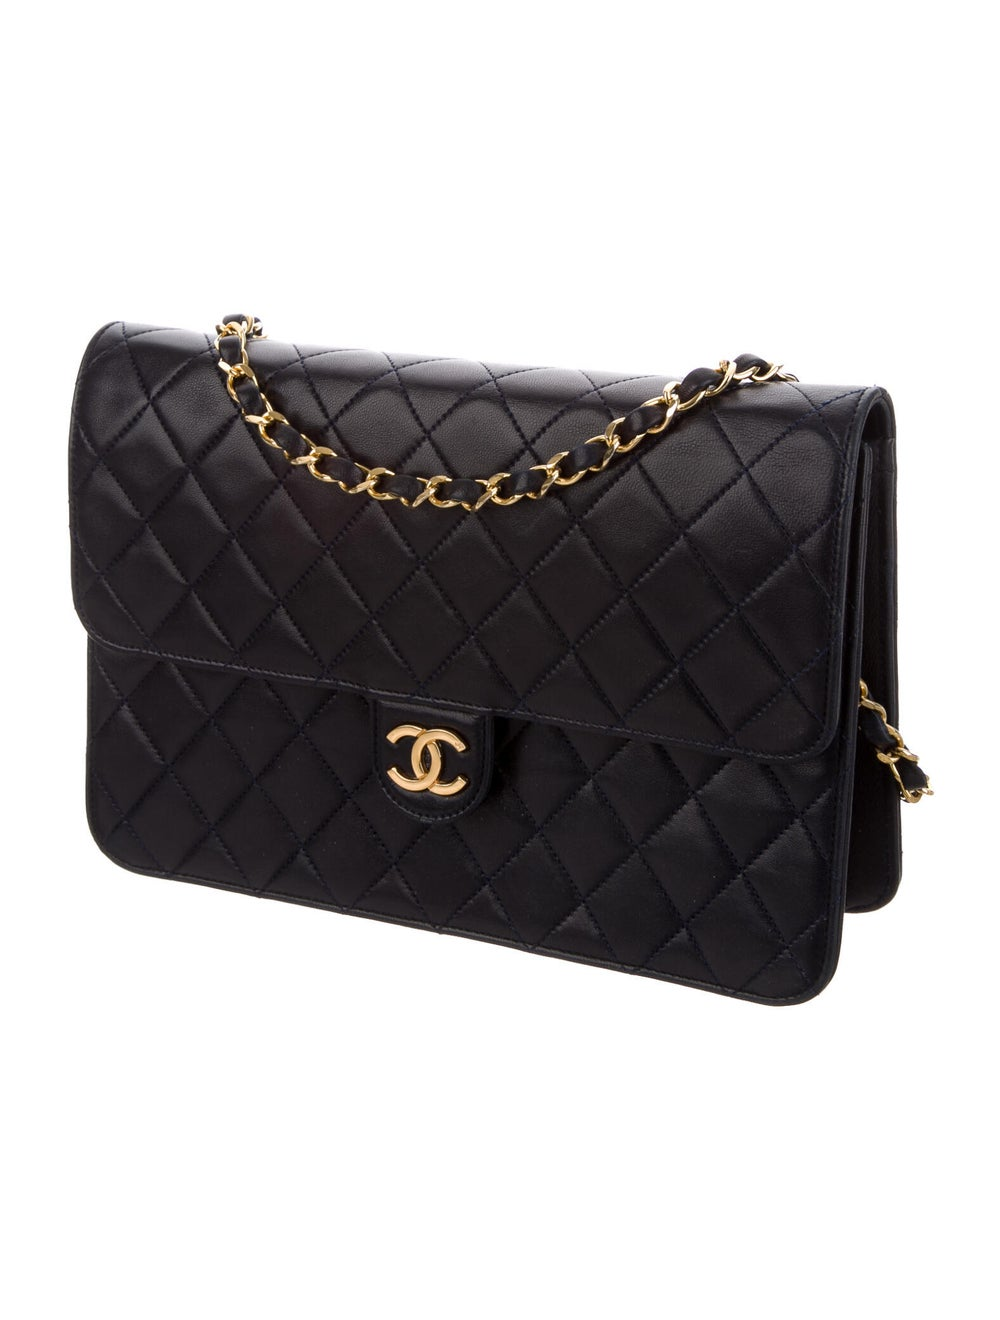 Chanel Vintage Single Flap Bag Blue - image 3